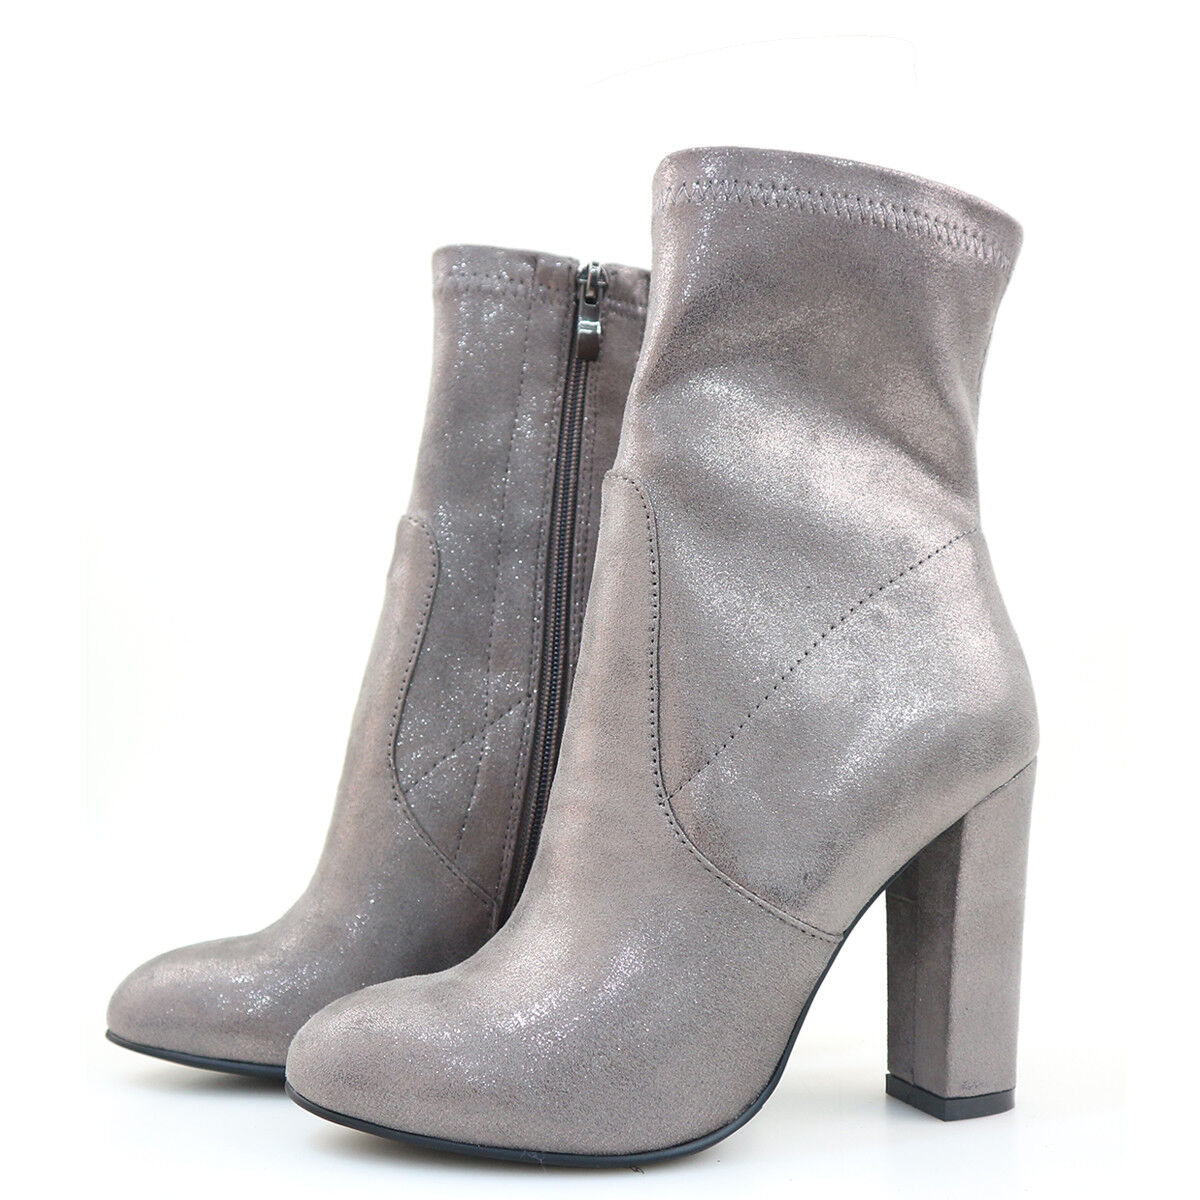 Mujeres tacón tacón tacón alto punta rojoonda Bloque Talón Cremallera encima de la rodilla botas & botas al tobillo 8ea6c0